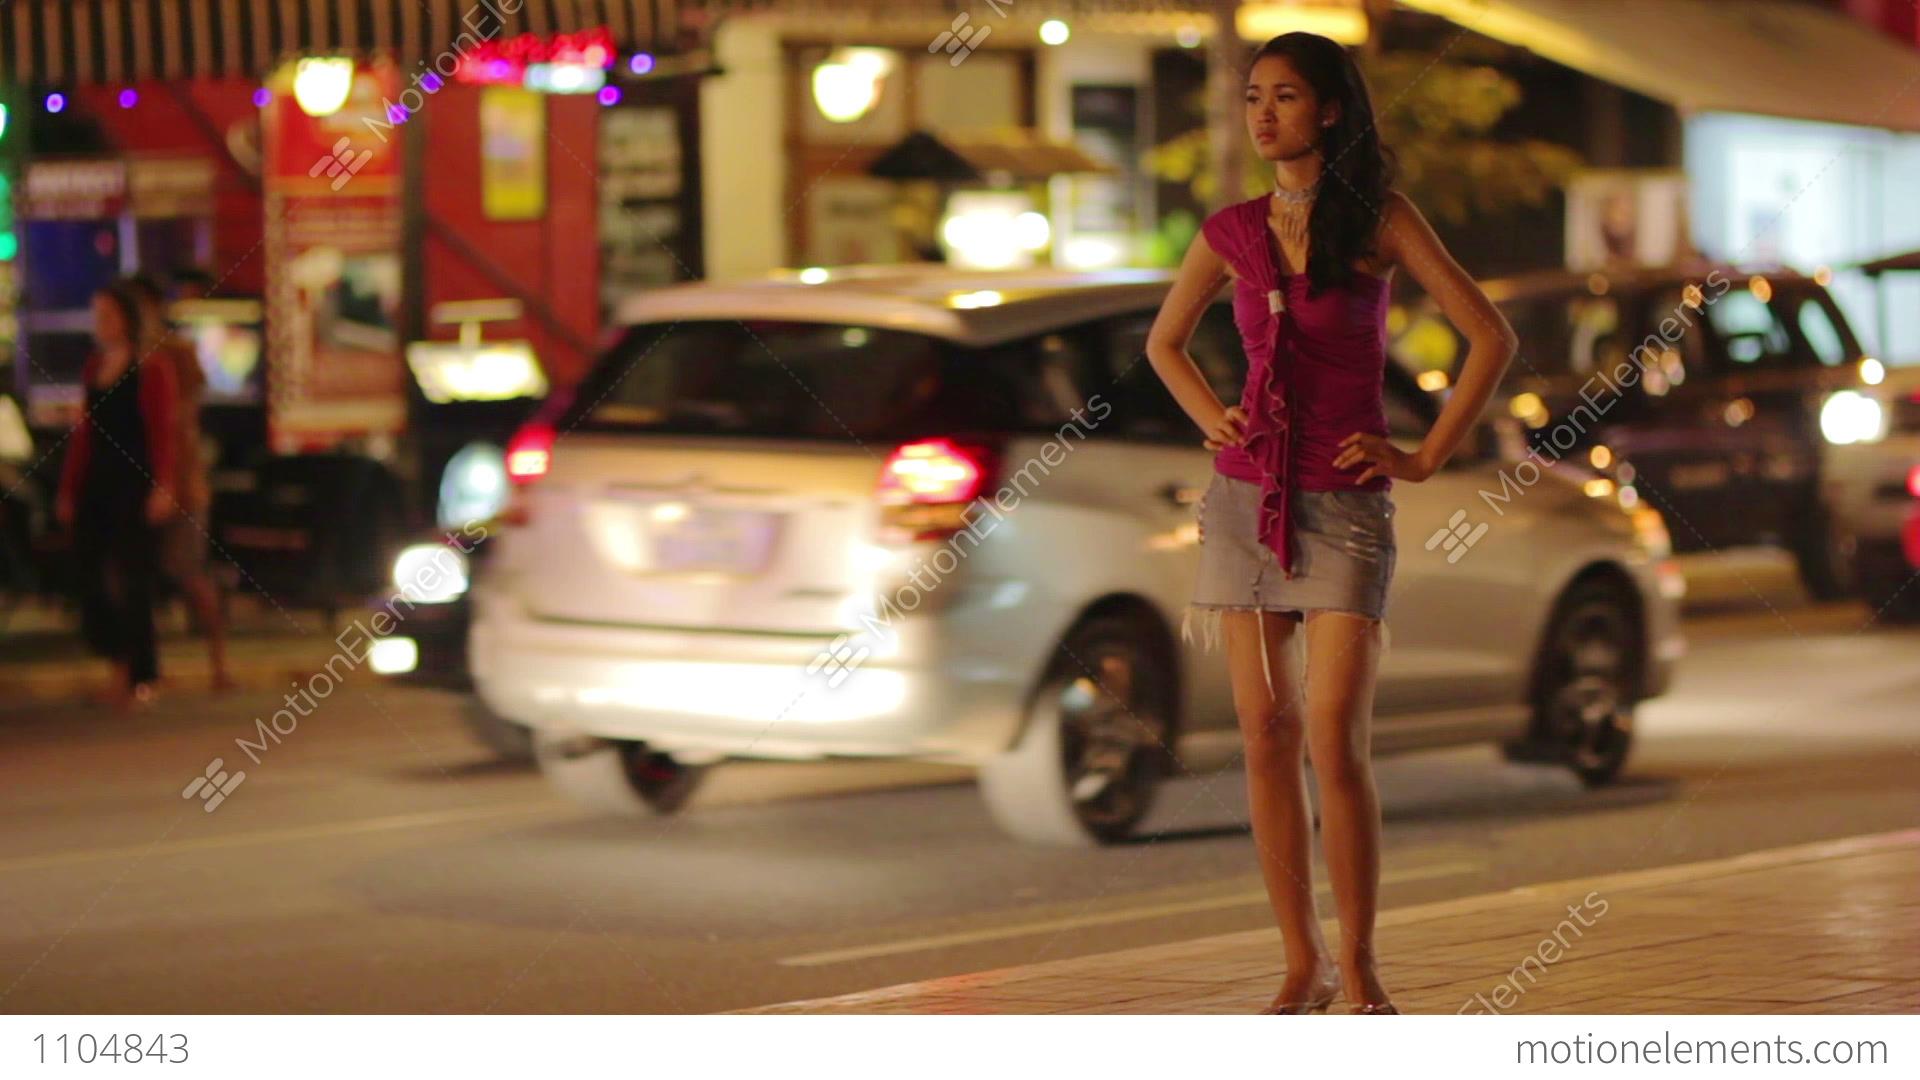 Cheap call girl in manju ka tilla 919871498913 delhi locantotrade dating escort - 3 4